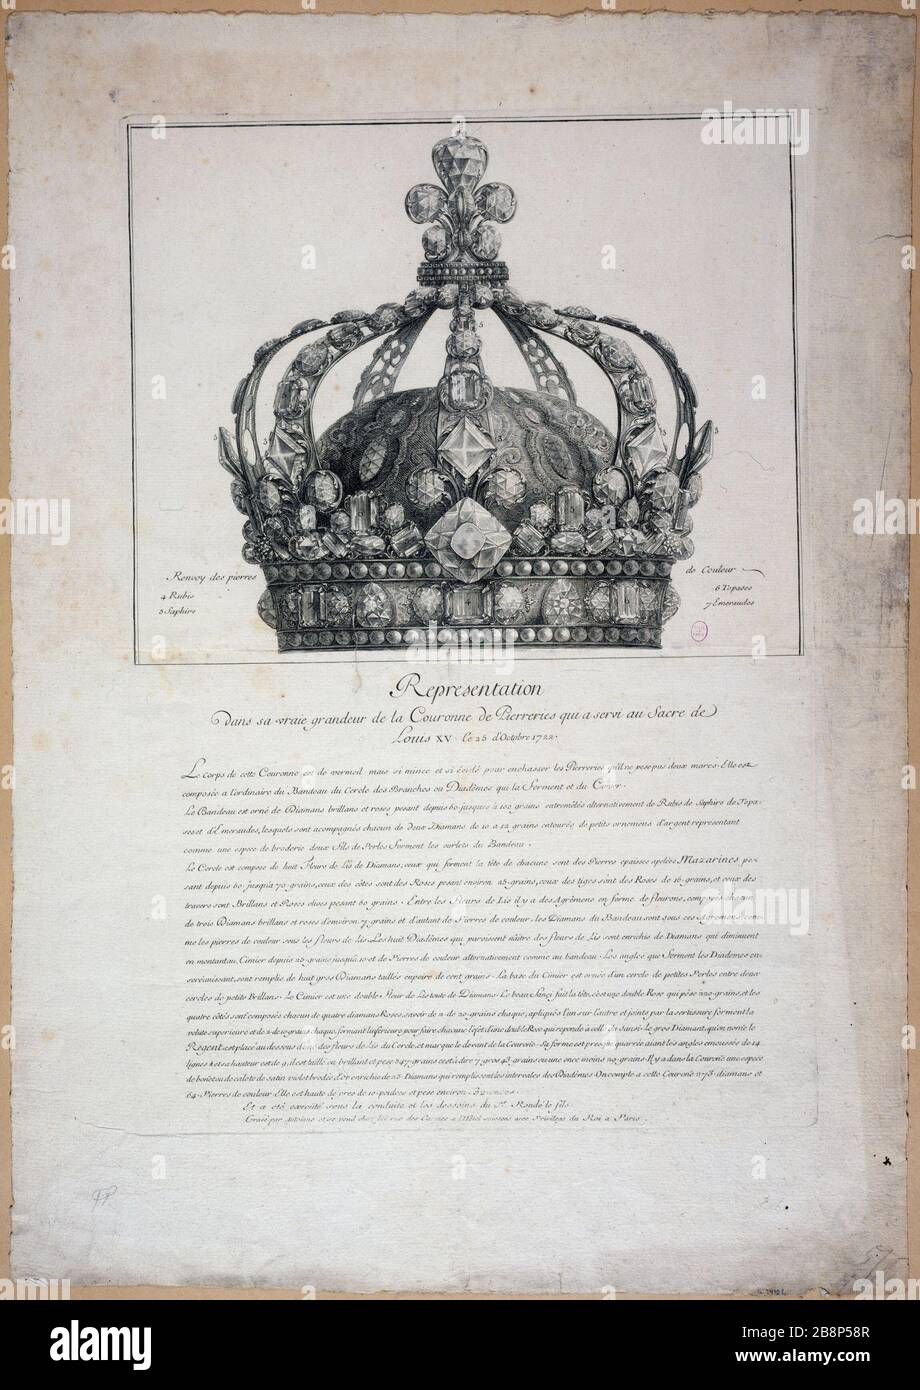 REPRESENTACIÓN EN SU VERDADERA GRANDEZA PIEDRAS DE LA CORONA QUE SIRVIERON EN SACRE LOUIS XV ANTOINE. 'Représentation dans sa vraie grandeur de la couronne de pierreries qui a servi au sacre de Louis XV le 25 octobre 1722'. Estampe. París, musée Carnavalet. Foto de stock